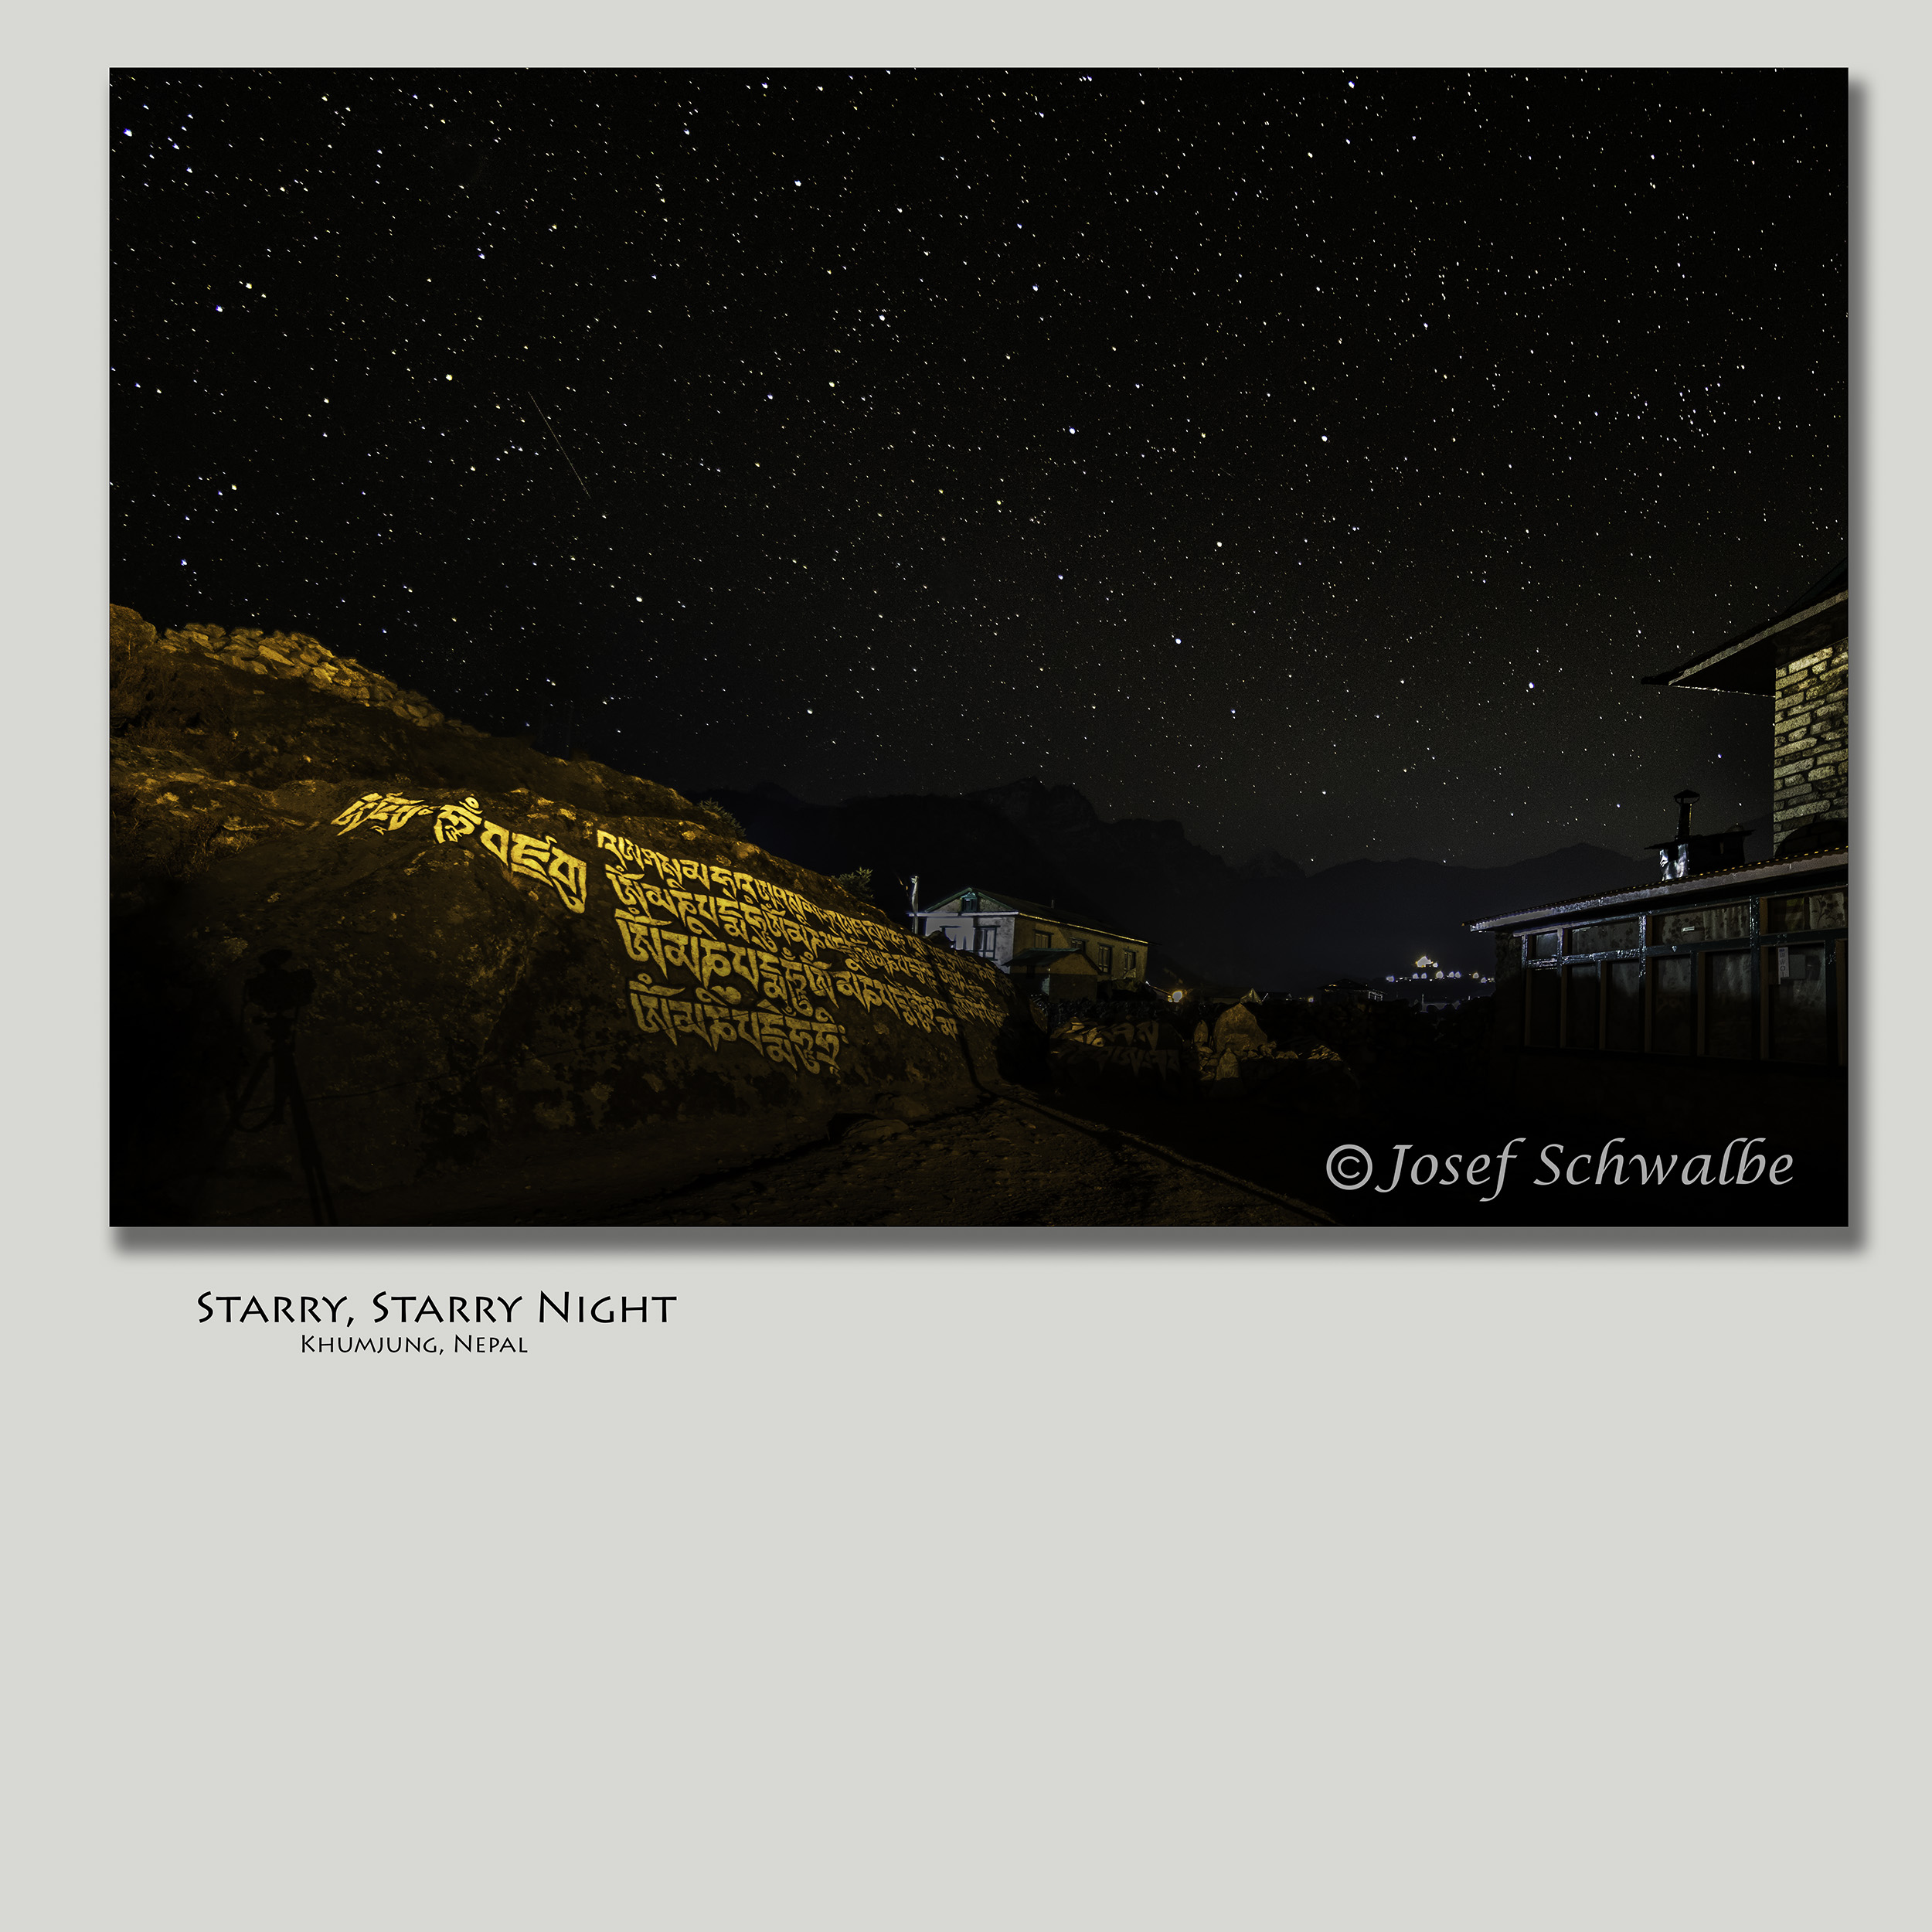 StarryStarryNight.jpg